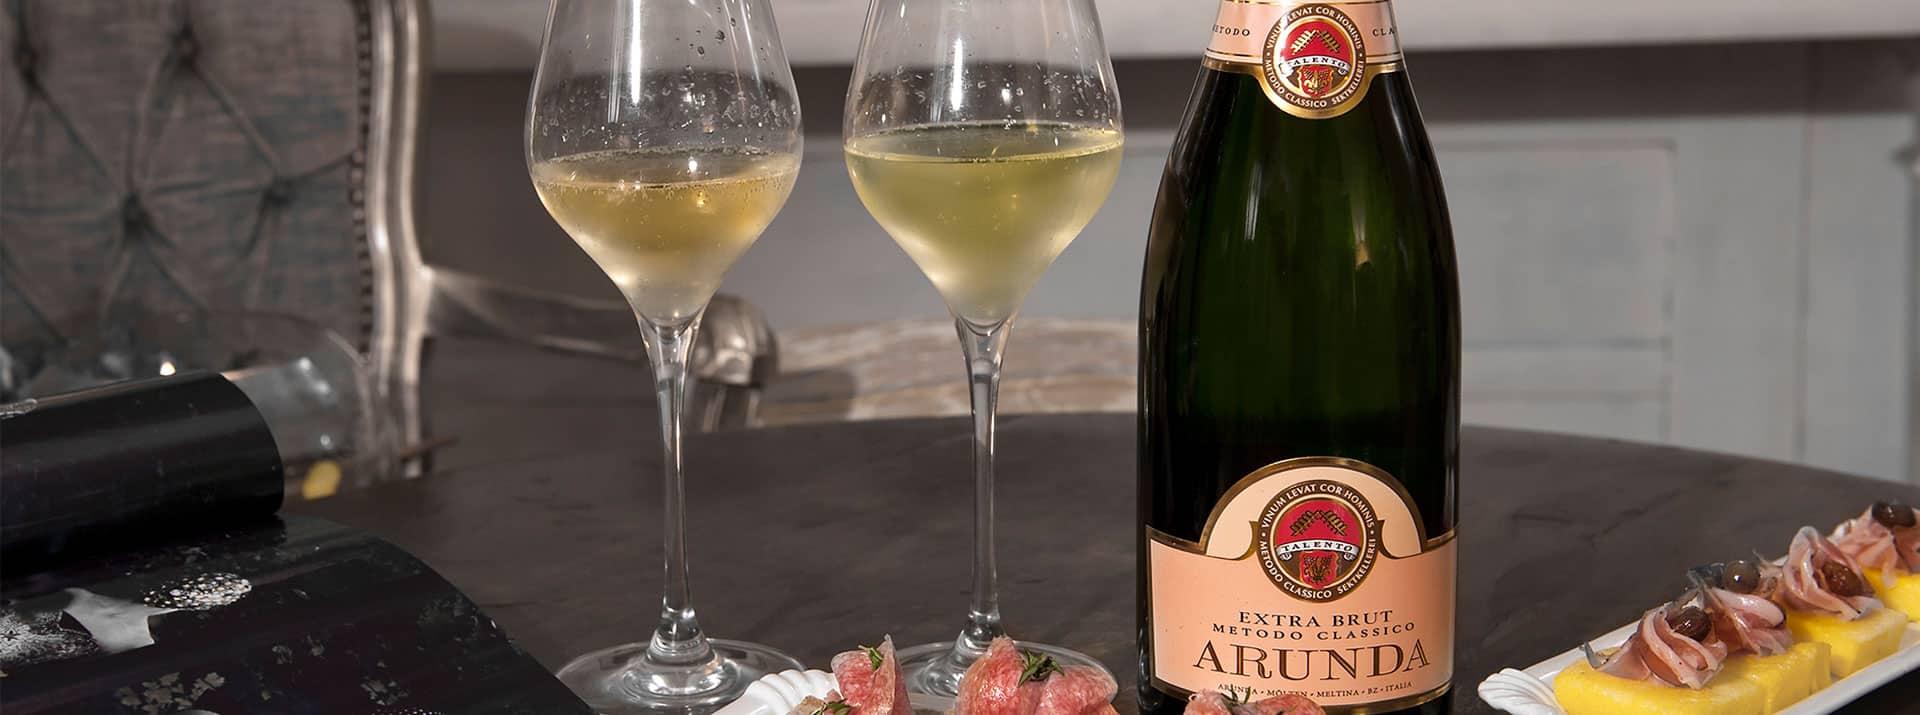 Weinkellerei Meraner Arunda